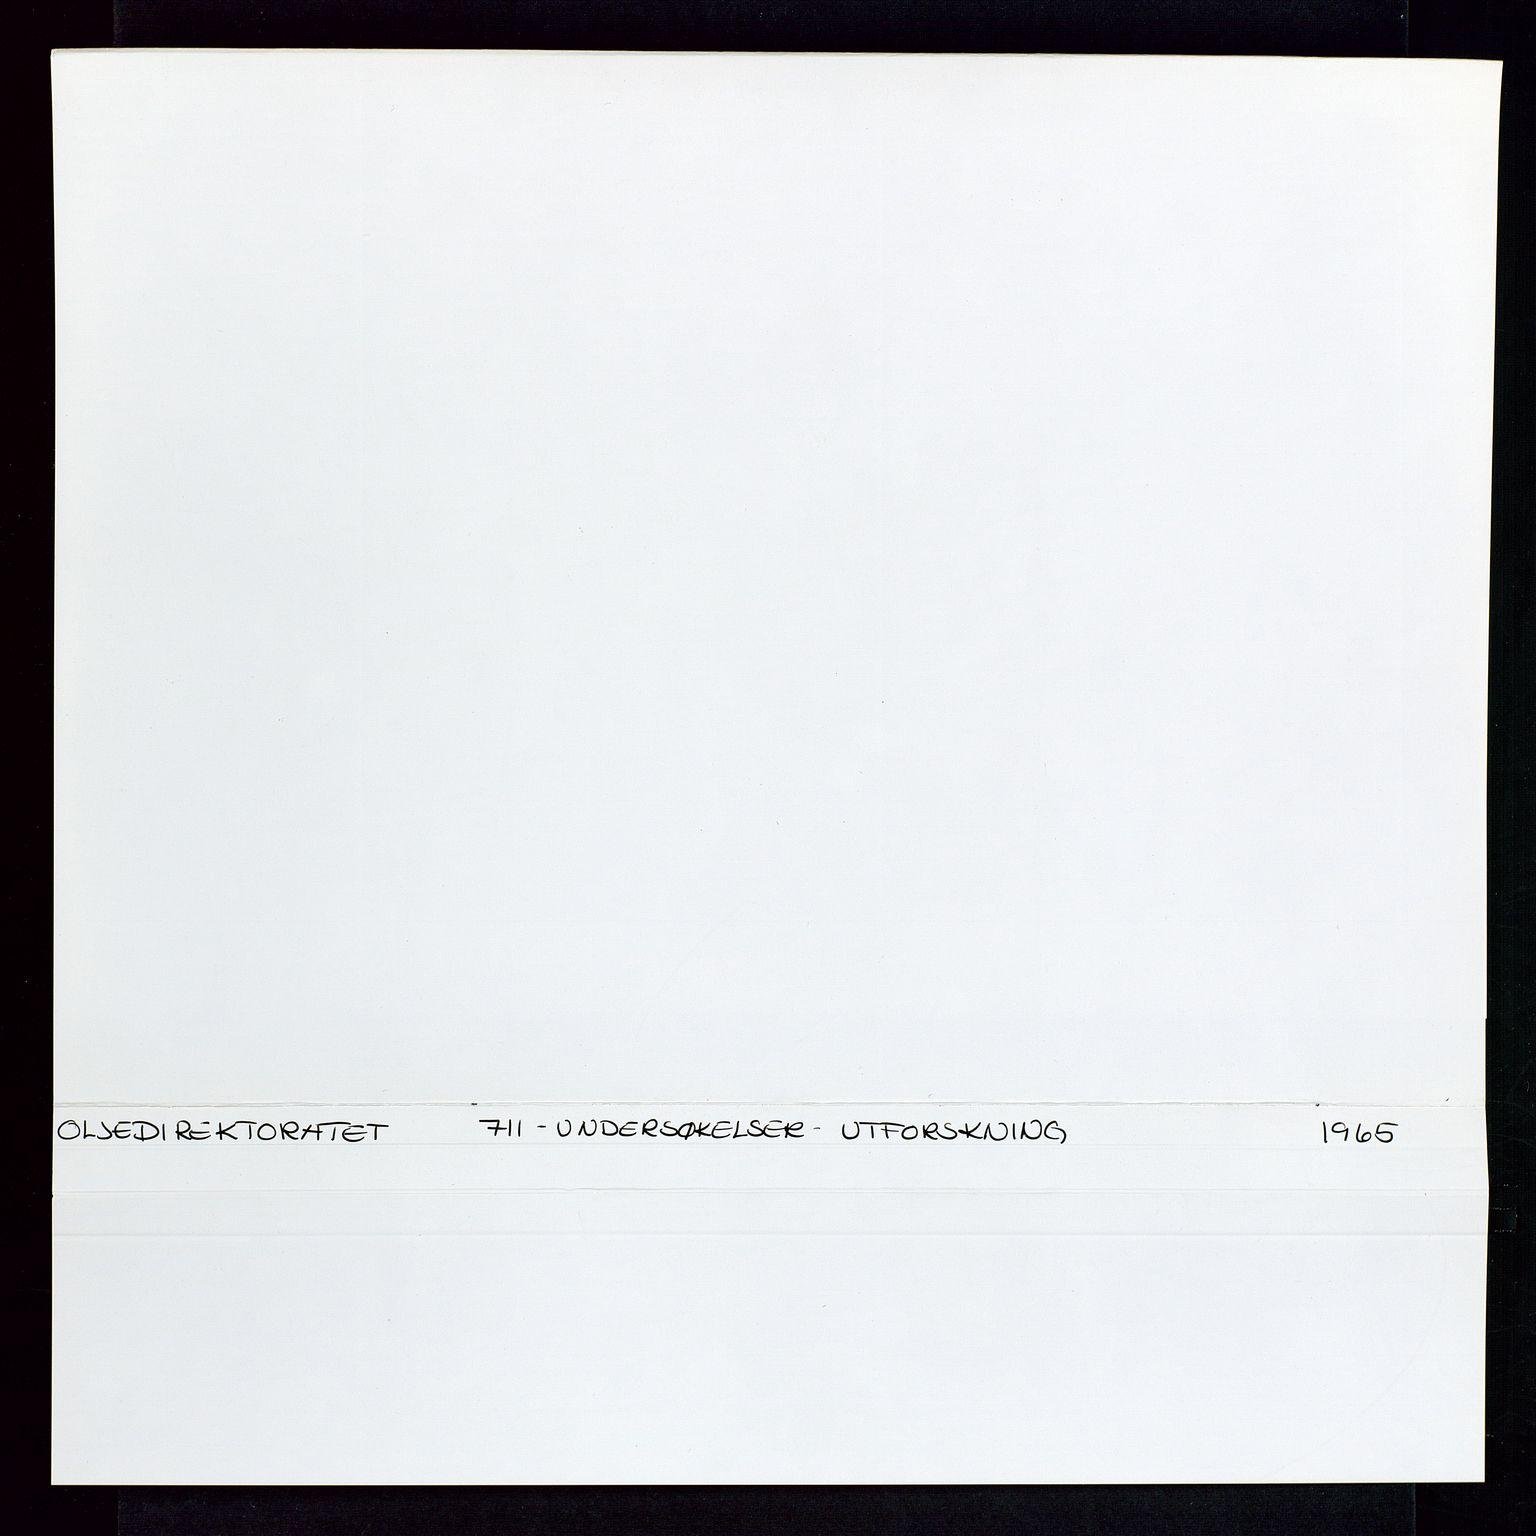 SAST, Industridepartementet, Oljekontoret, Da/L0003: Arkivnøkkel 711 Undersøkelser og utforskning, 1963-1971, s. 306